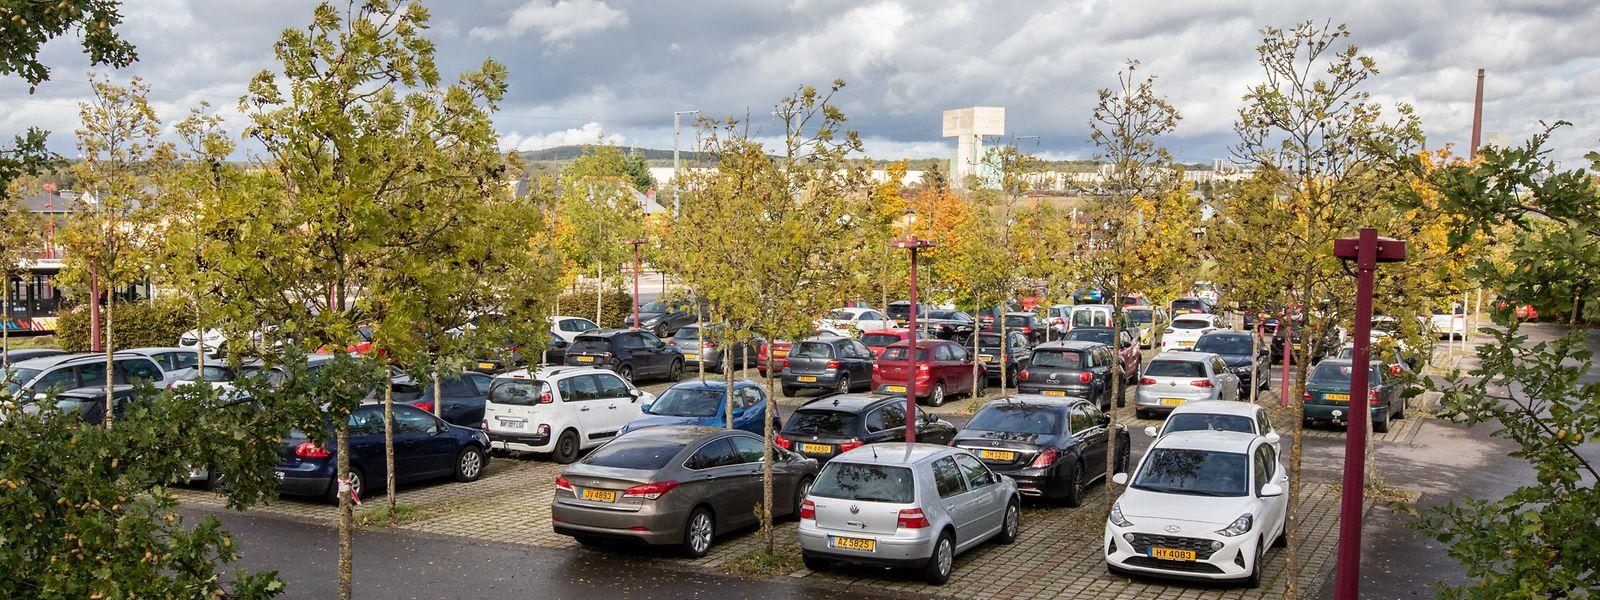 Stets gut besucht ist der Parkplatz bei der Zughaltestelle zwischen Niederkerschen und Sassenheim. Während der Umbauarbeiten werden sich die Nutzer aber nach einer Alternative umsehen müssen.